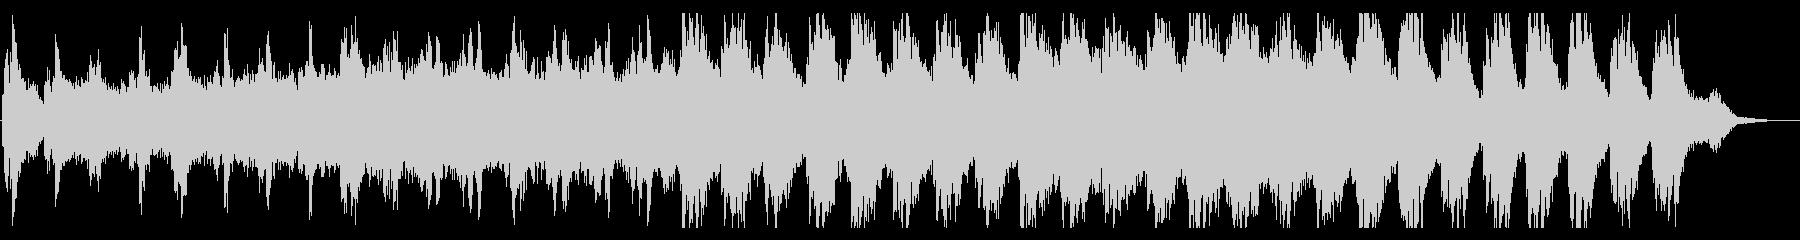 シンプルで幸福感のあるBGMの未再生の波形